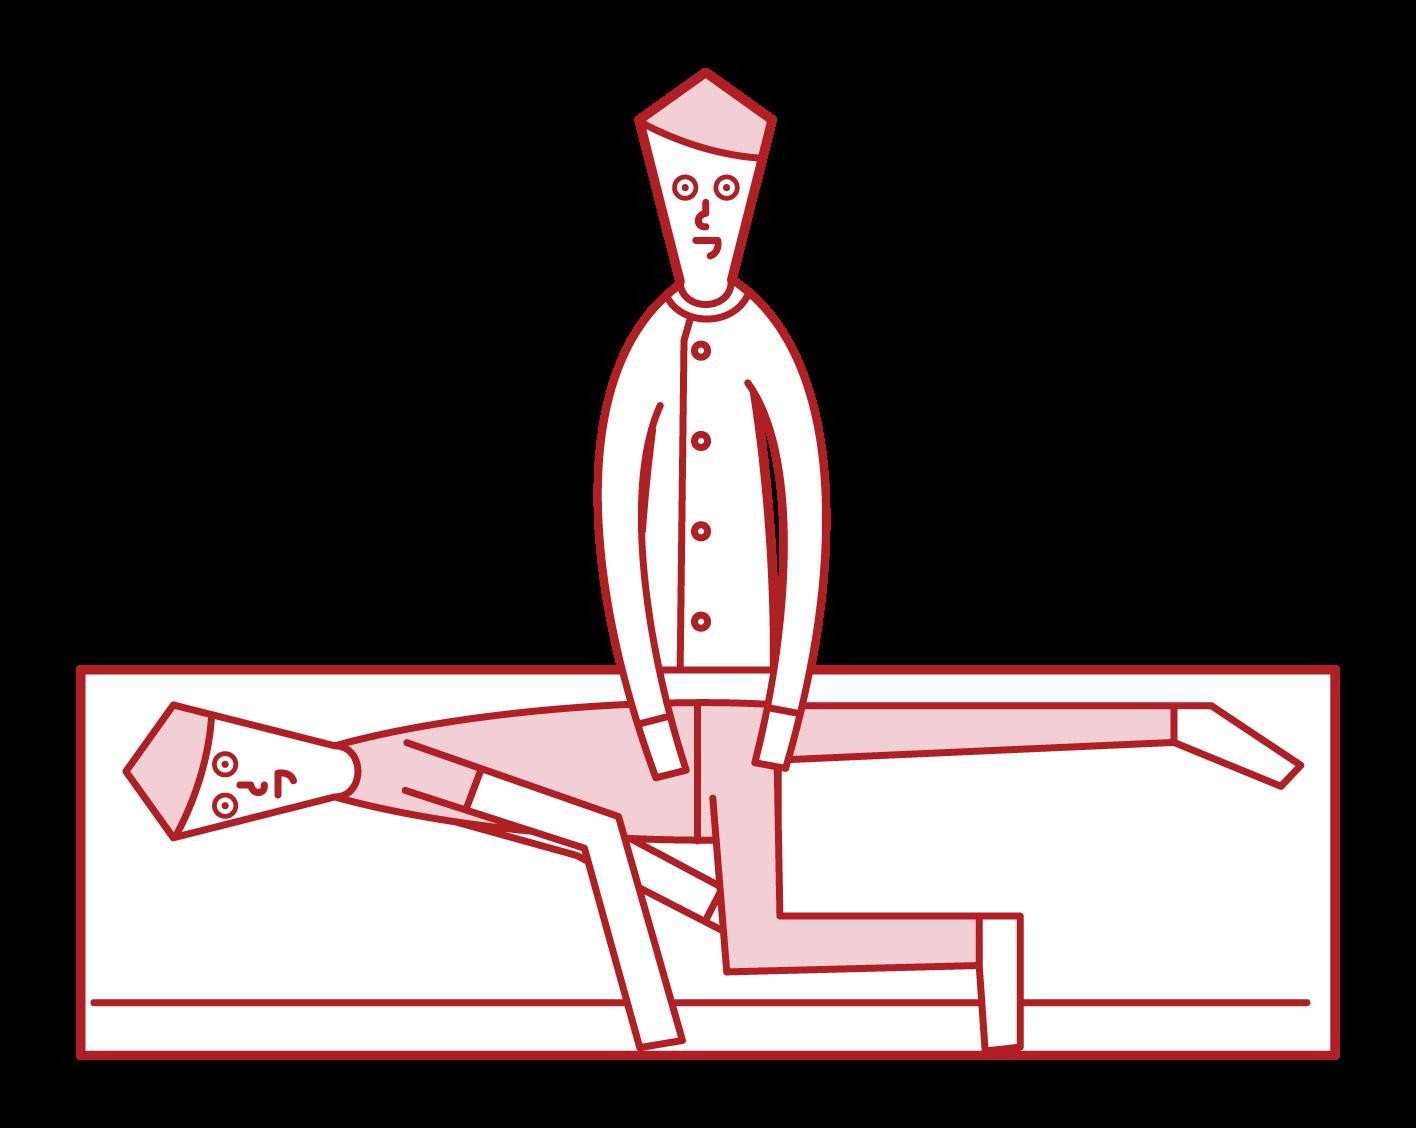 整体師(男性)のイラスト